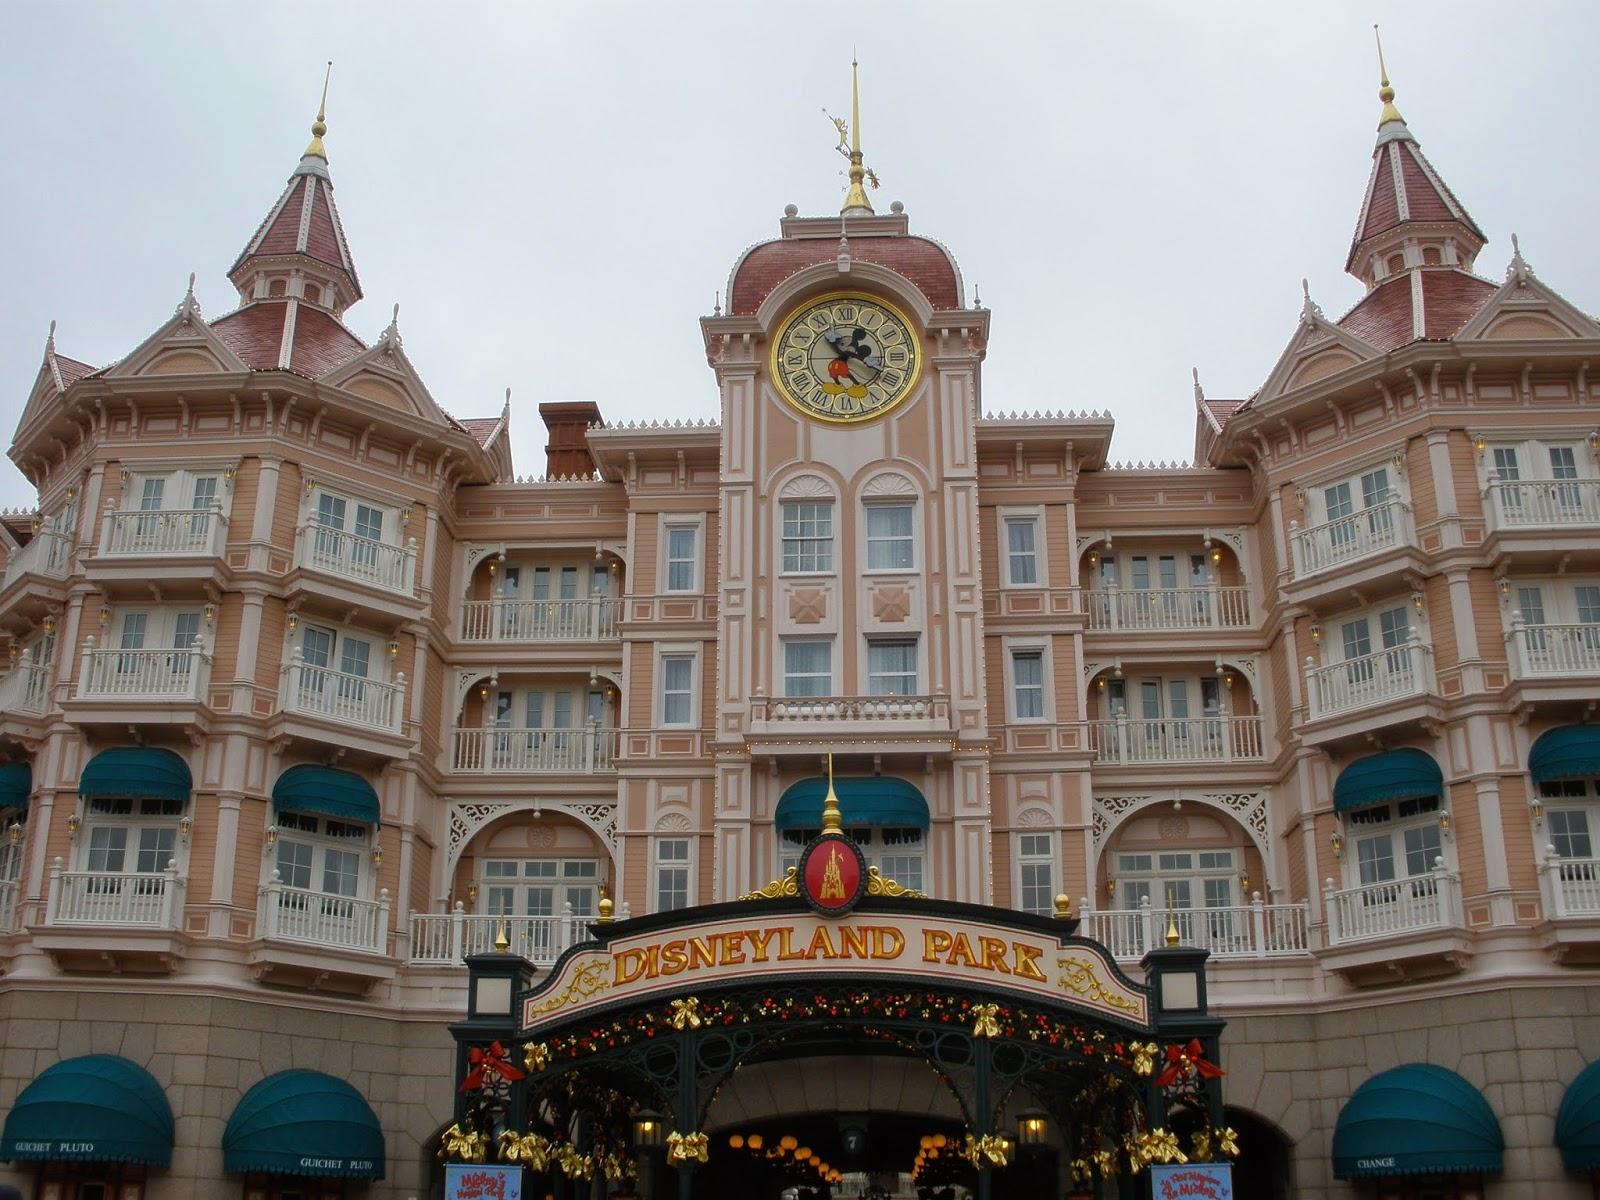 DisneyLand París, ideal para ir con los niños, te hará regresar a tu infancia.